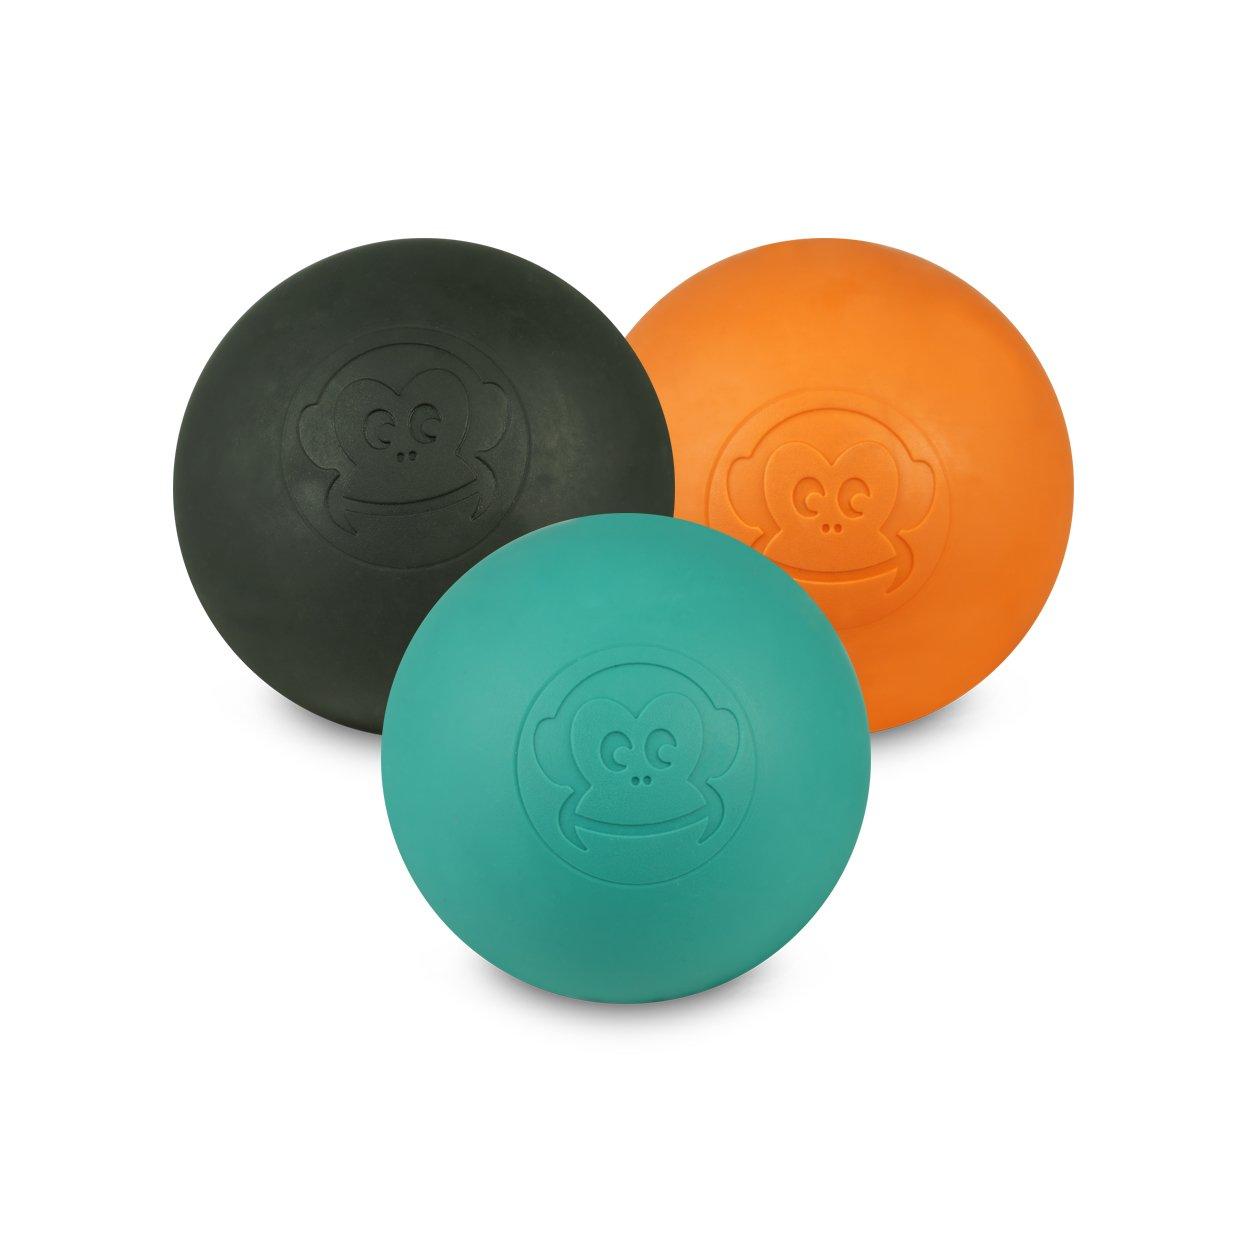 Captain LAX Massageball Original - Lacrosseball im 3er Pack mit Den Farben Schwarz, Orange, Türkis, aus Hartgummi, Größe einzeln 6 x 6 cm Geeignet für Triggerpunkt- & Faszienmassage/Crossfit Türkis